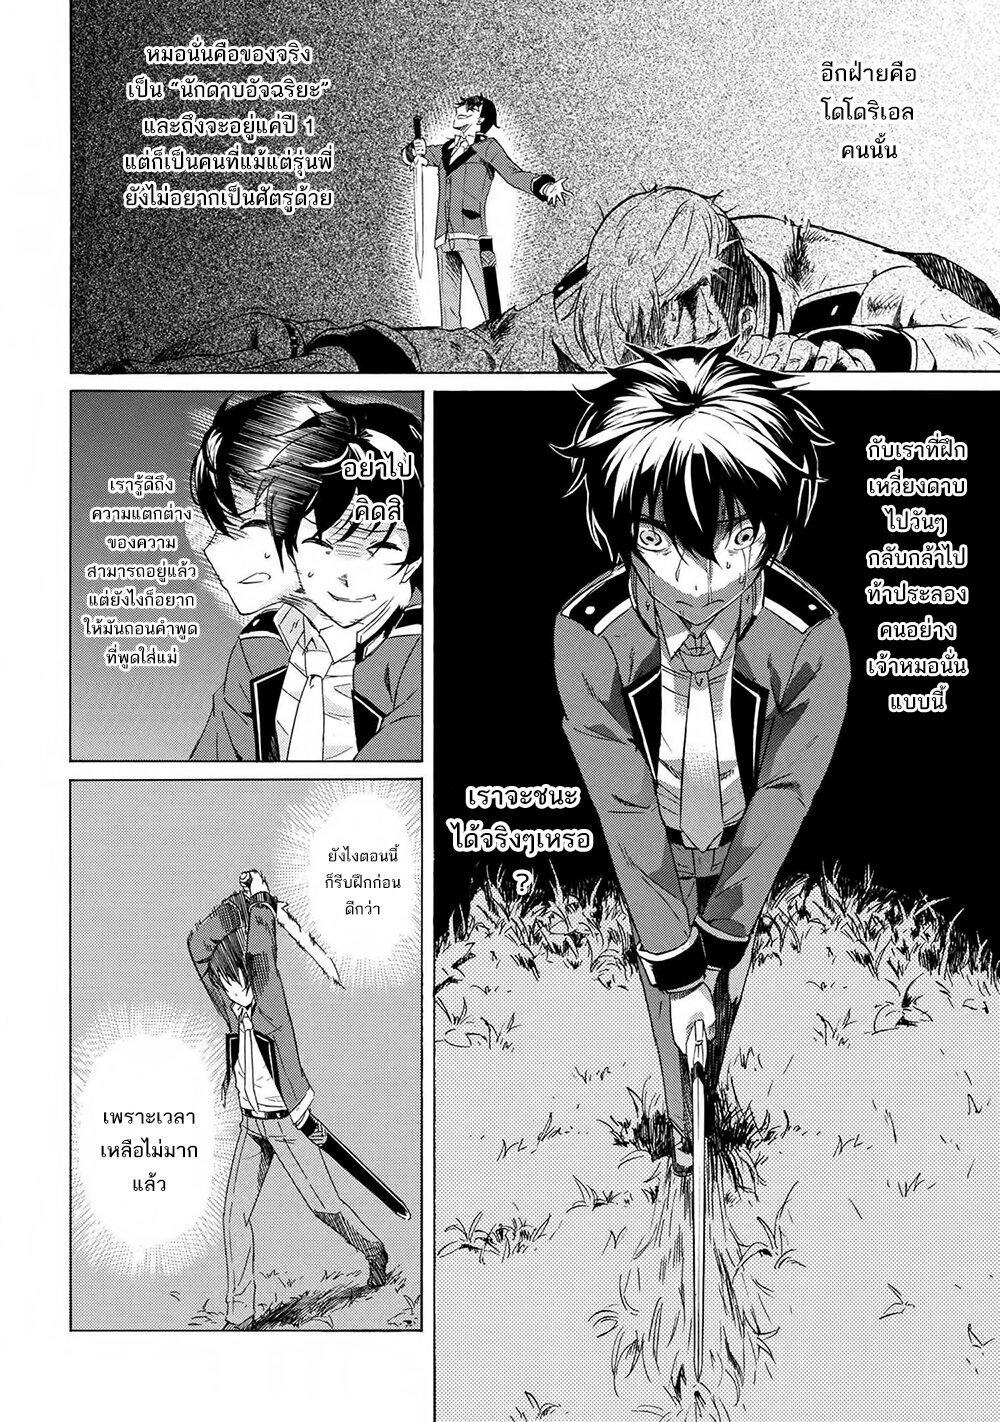 อ่านการ์ตูน Ichioku-nen Button o Renda Shita Ore wa Kizuitara Saikyou ni Natteita ตอนที่ 1 หน้าที่ 14